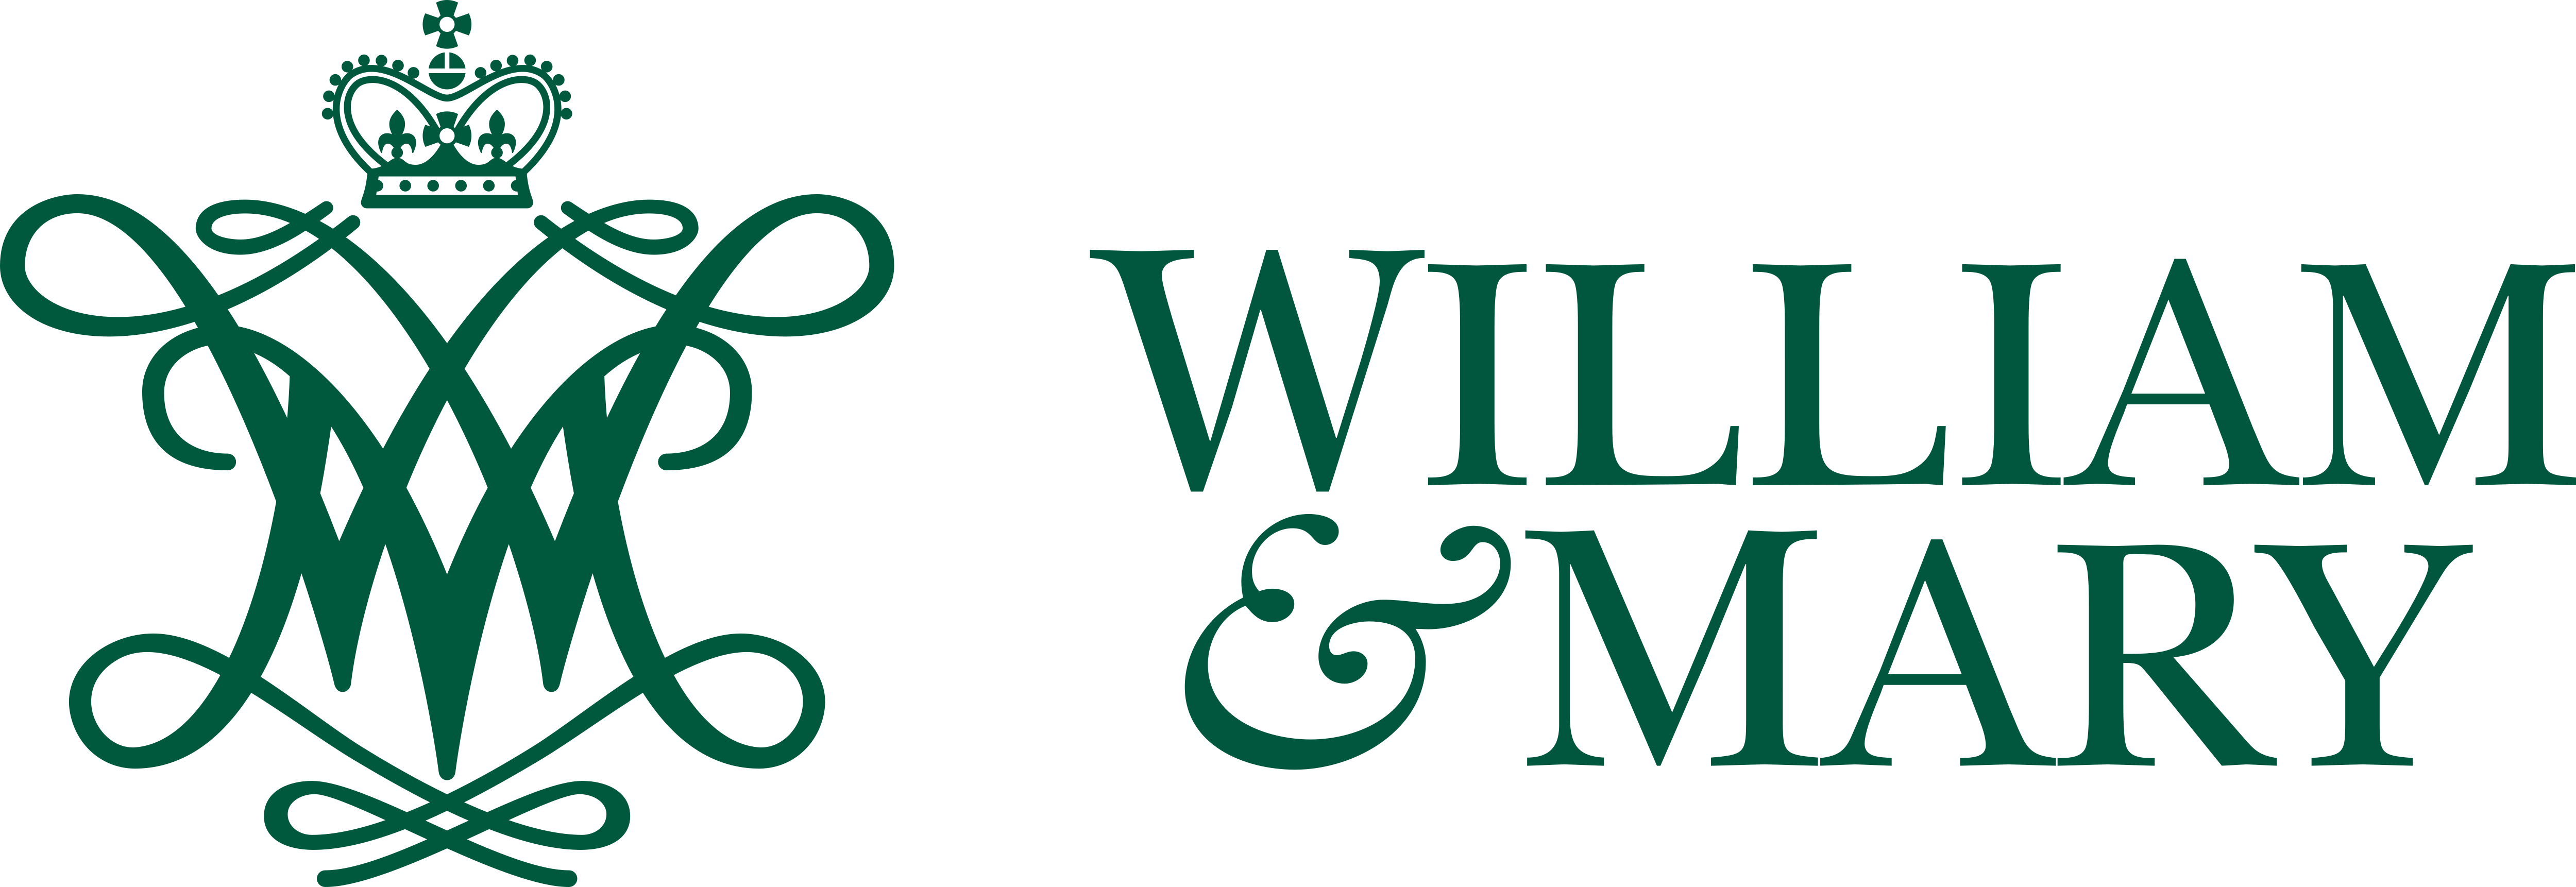 College of William & Mary.